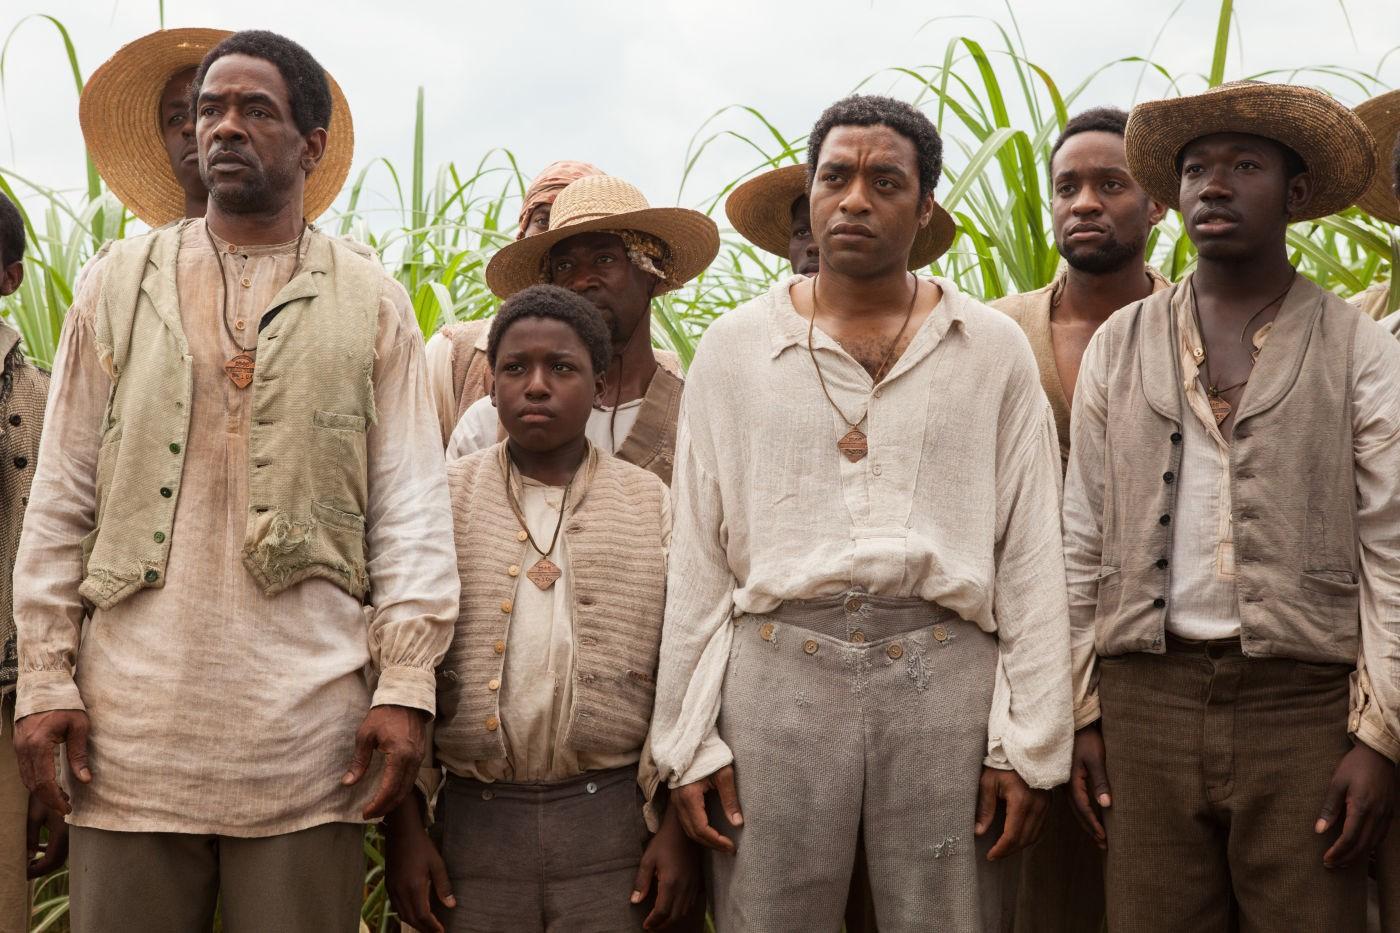 12 років рабства (2013) цікаве, кіно, на реальних подіях, фільм